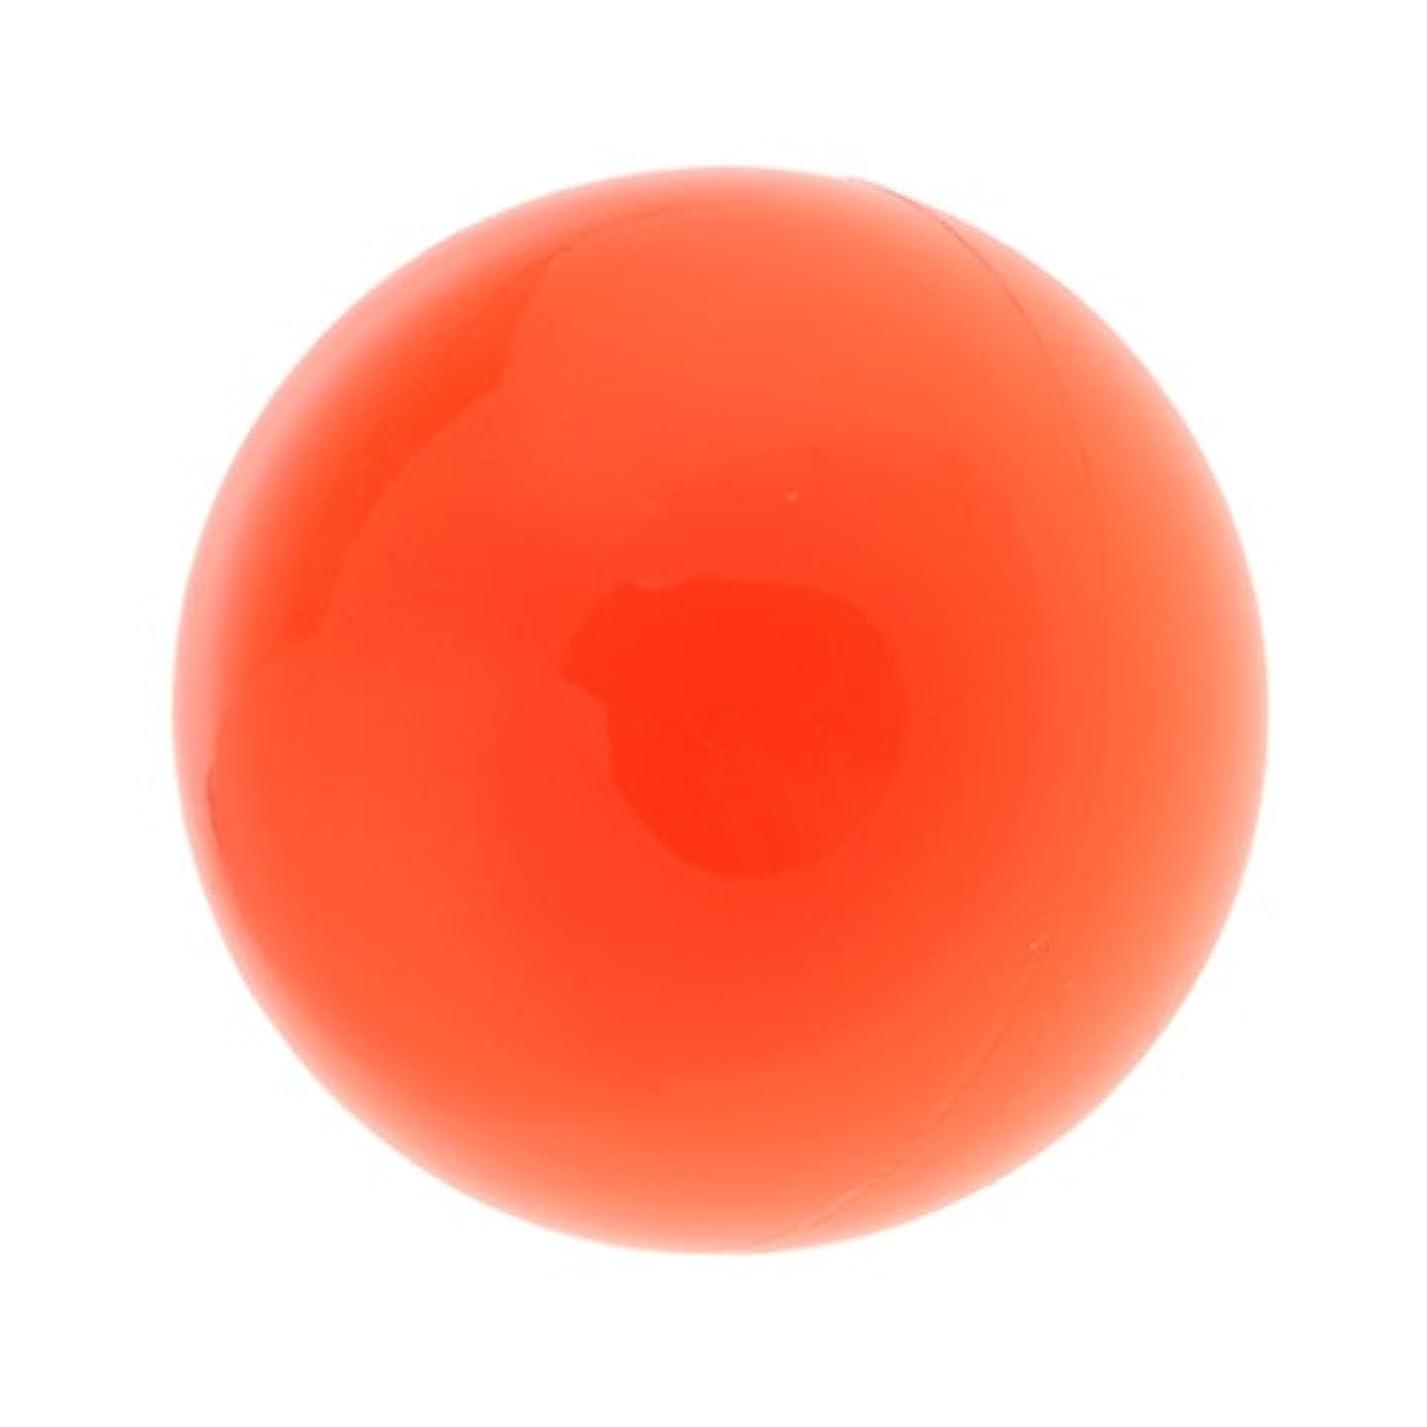 アレキサンダーグラハムベル二次どこでもdailymall ジムホームエクササイズマッスルエクササイズフィットネスワークアウト用ソフトマッサージボール